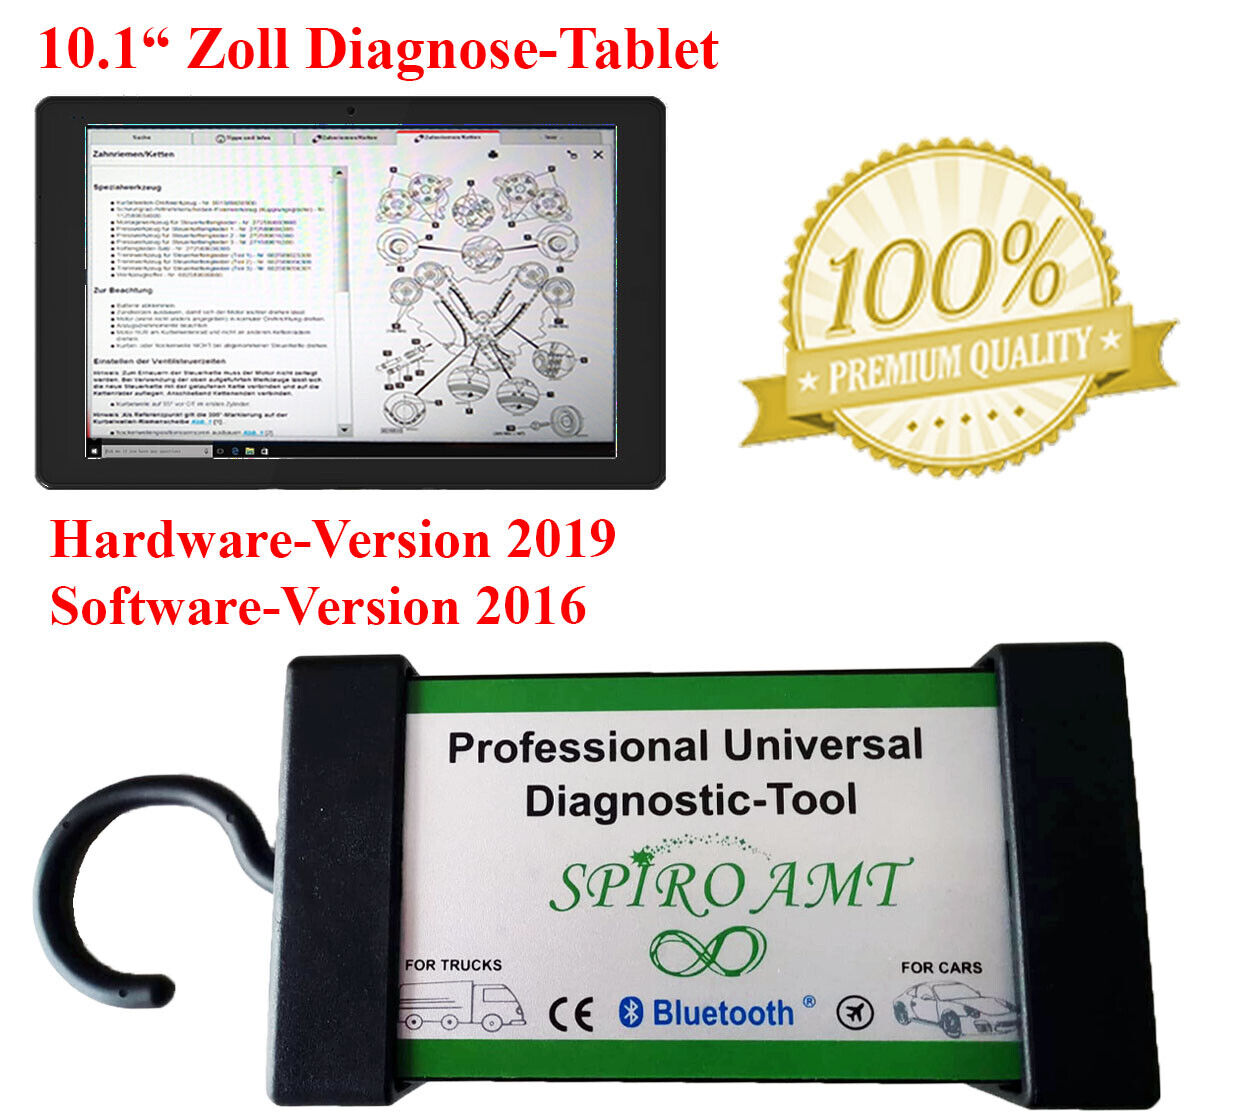 OBD-Adapterkabelset mit Bluetooth /& USB SPIRO AMT Profi KFZ DIAGNOSEGER/ÄT Gold f/ür PKW /& LKW bis BJ 2016 OBD2